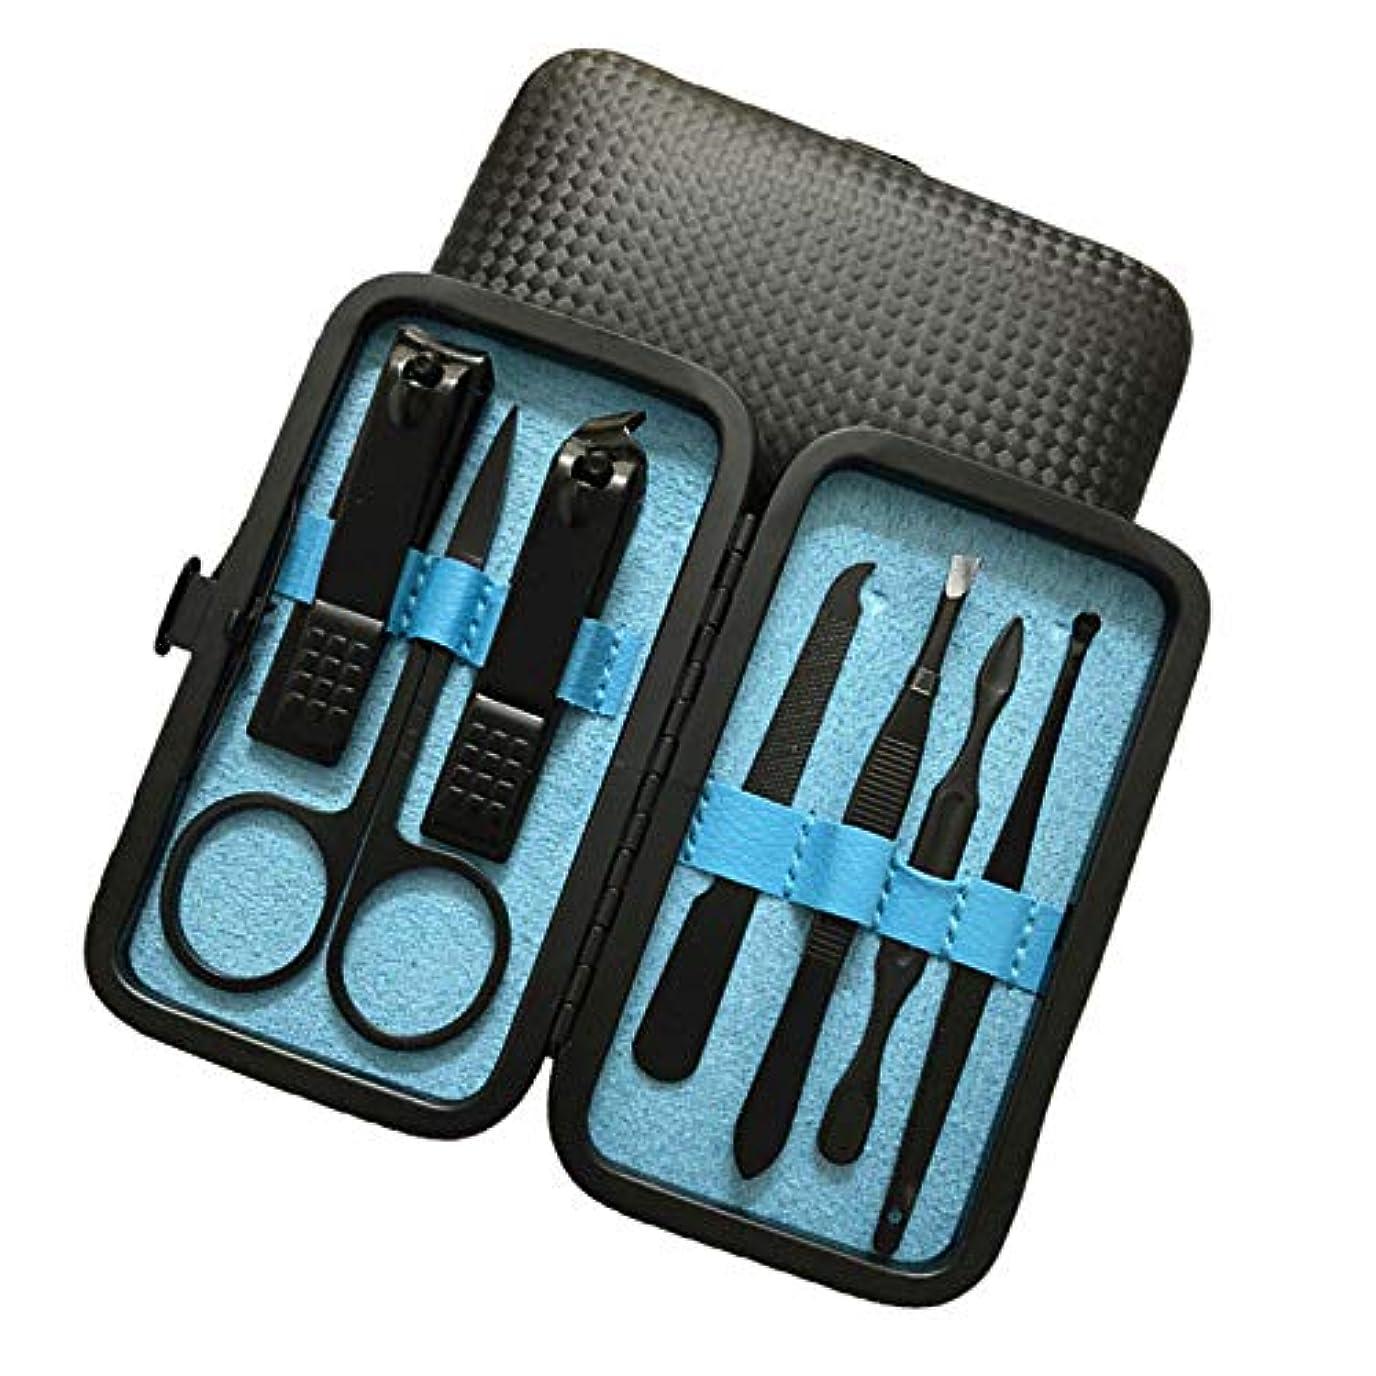 KIDQEYG 7ピース/セットマニキュアステンレス鋼爪切りスーツポータブル旅行キットマニキュアセット爪ツール